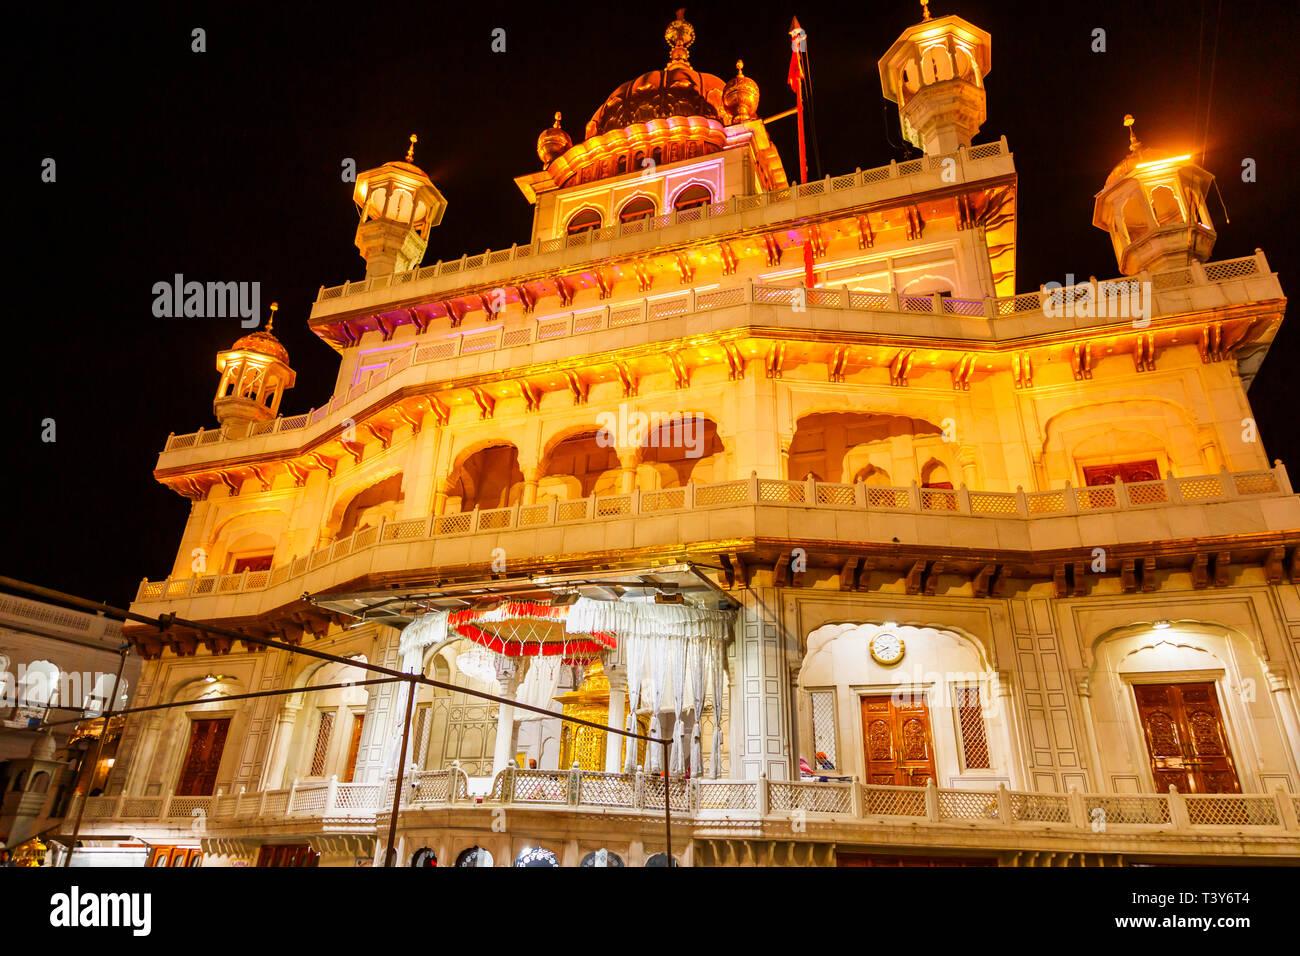 Sri Akal Takhat Sahib in the Golden Temple of Amritsar, the holiest pilgrimage site of Sikhism, Amritsar, Punjab, India, illuminated at night - Stock Image